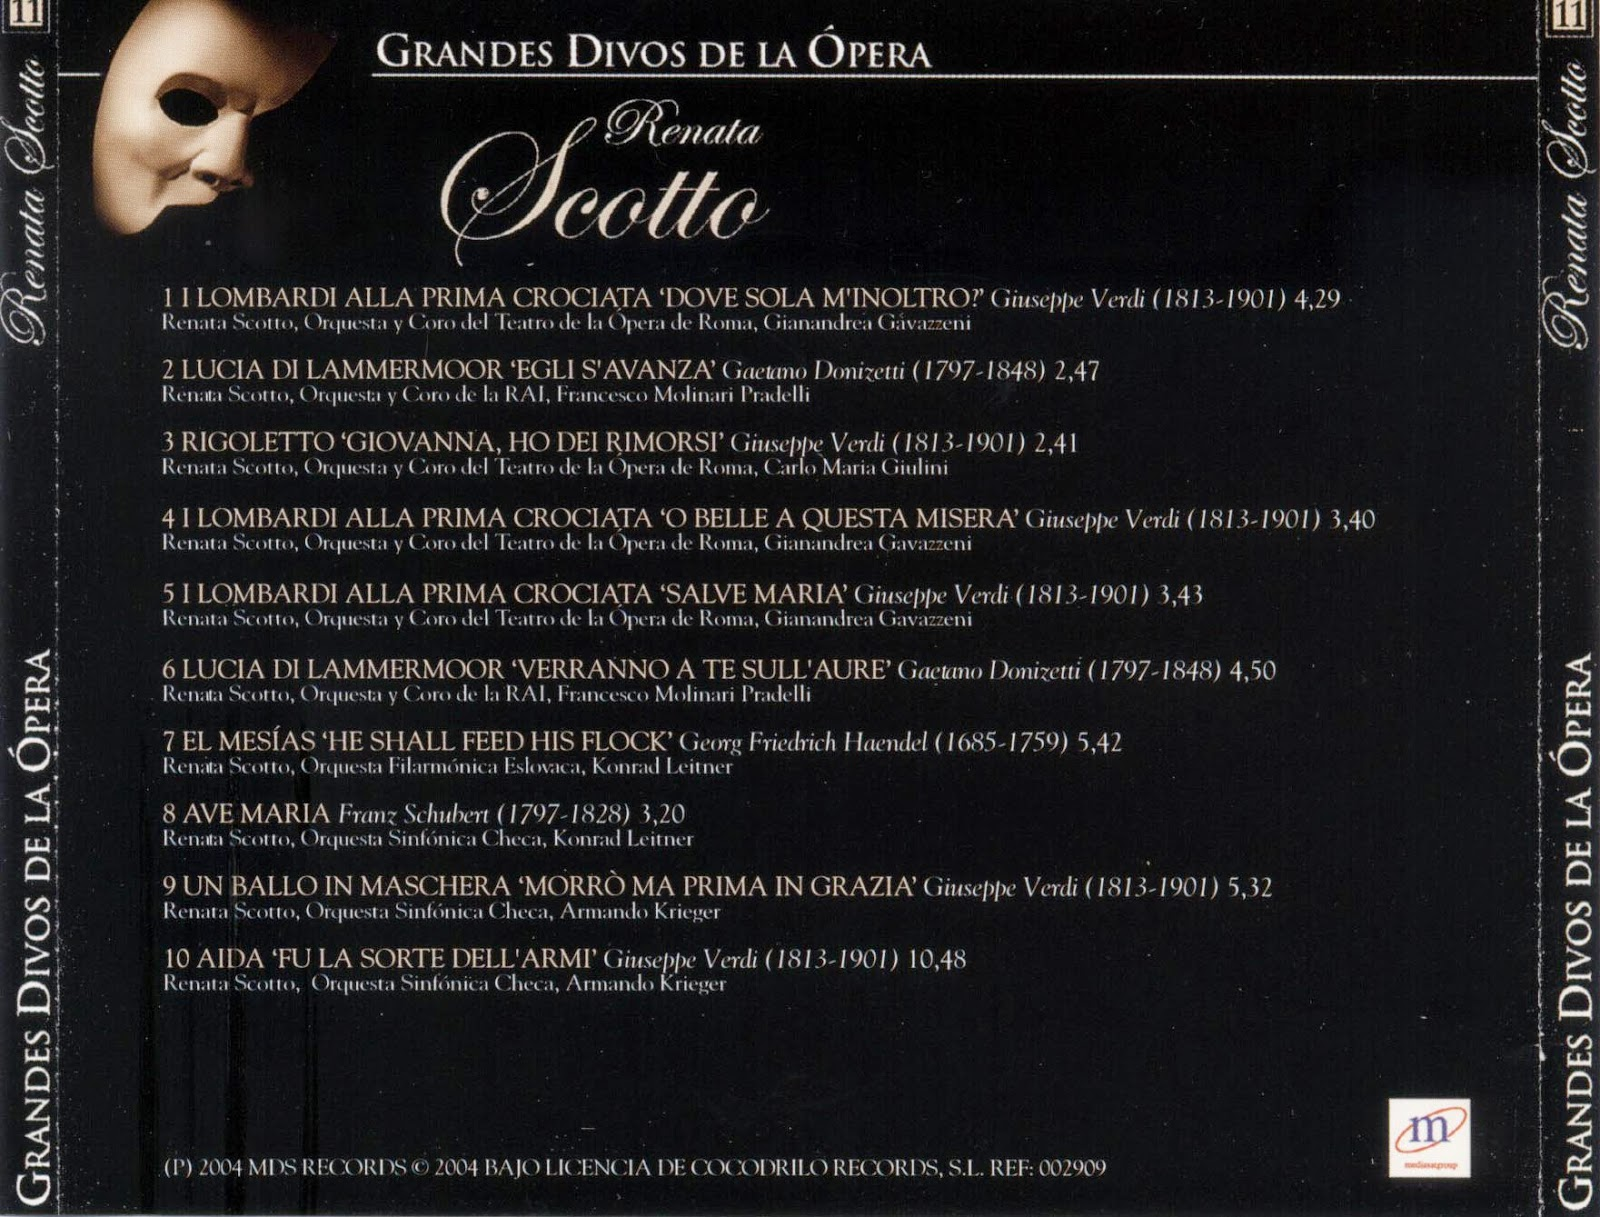 Grandes Divos de la Ópera-cd11-Renata Scotto-carátula trasera